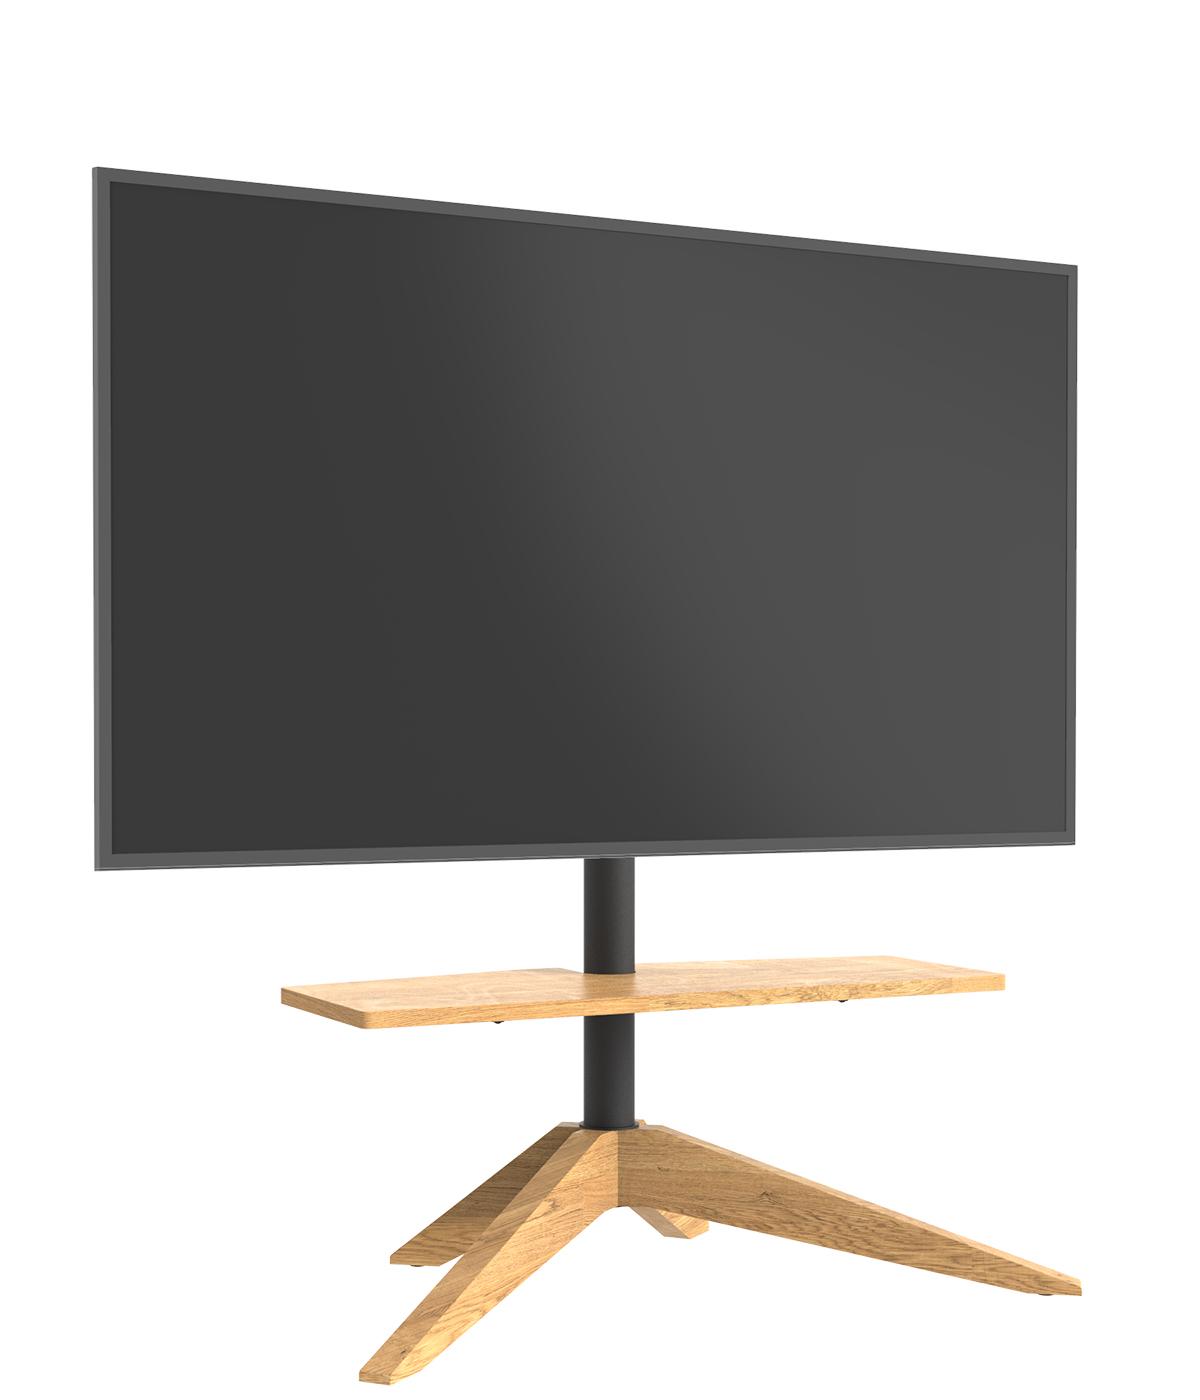 Cavus Tv vloerstandaard Cross Oak VESA 300x400